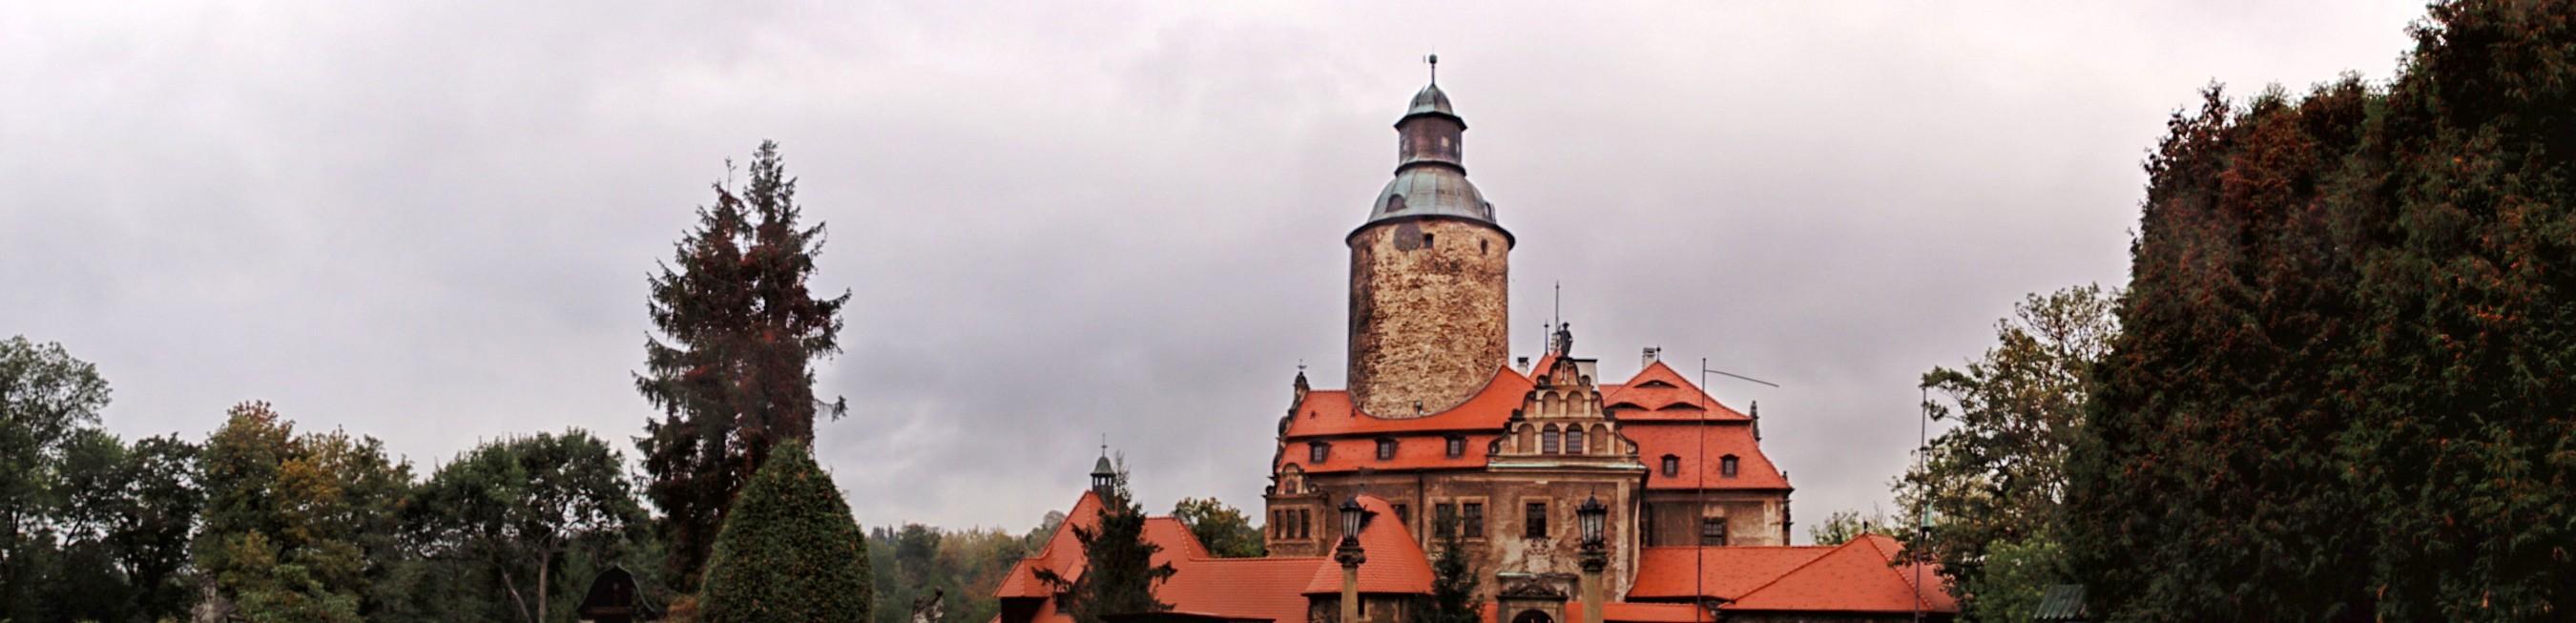 Zamek Czocha w panoramie